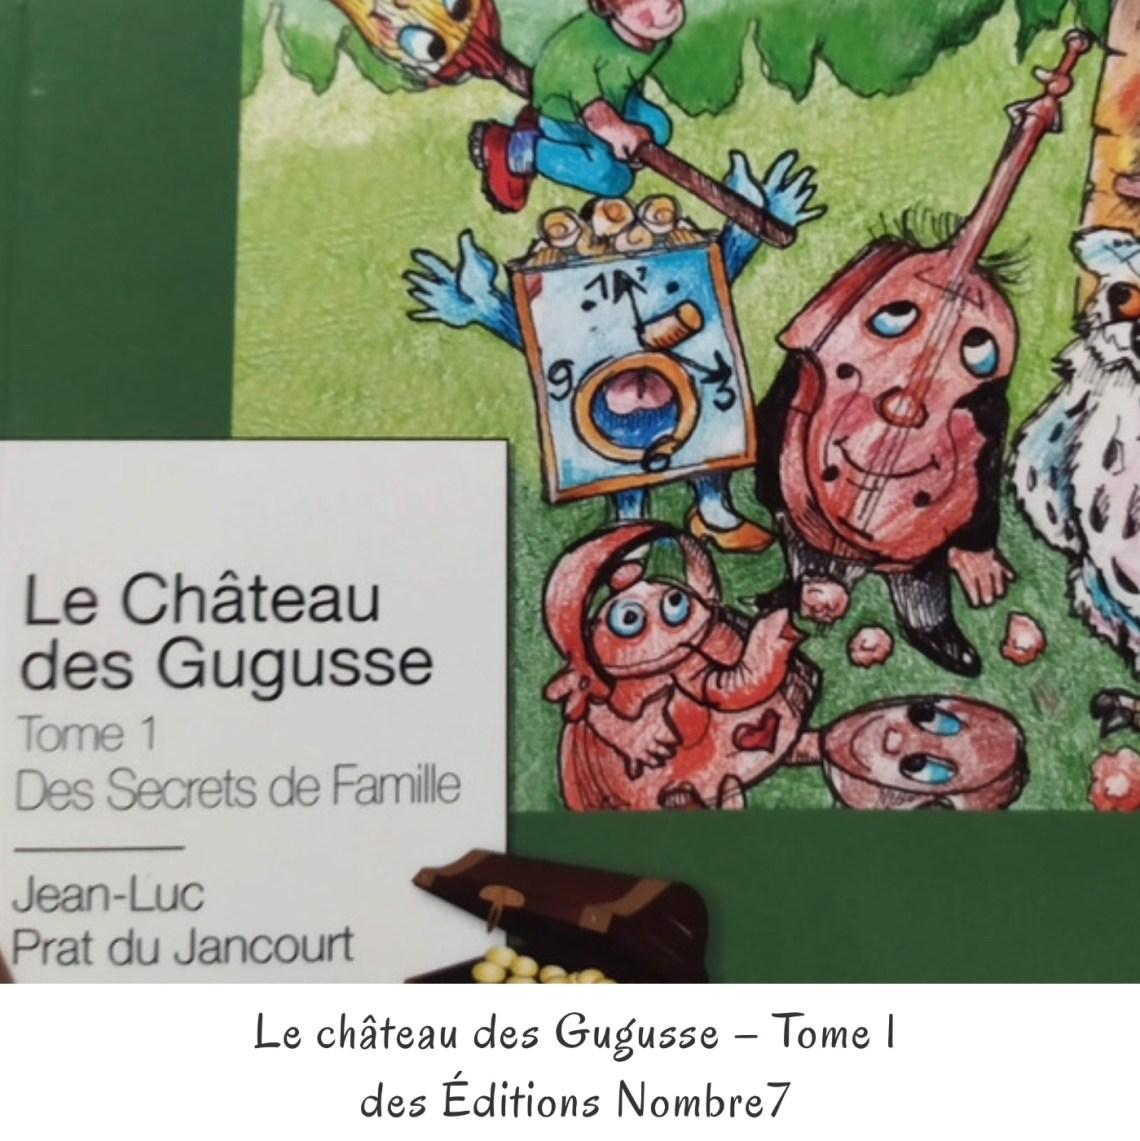 Le château des Gugusse – Tome 1 des Éditions Nombre7